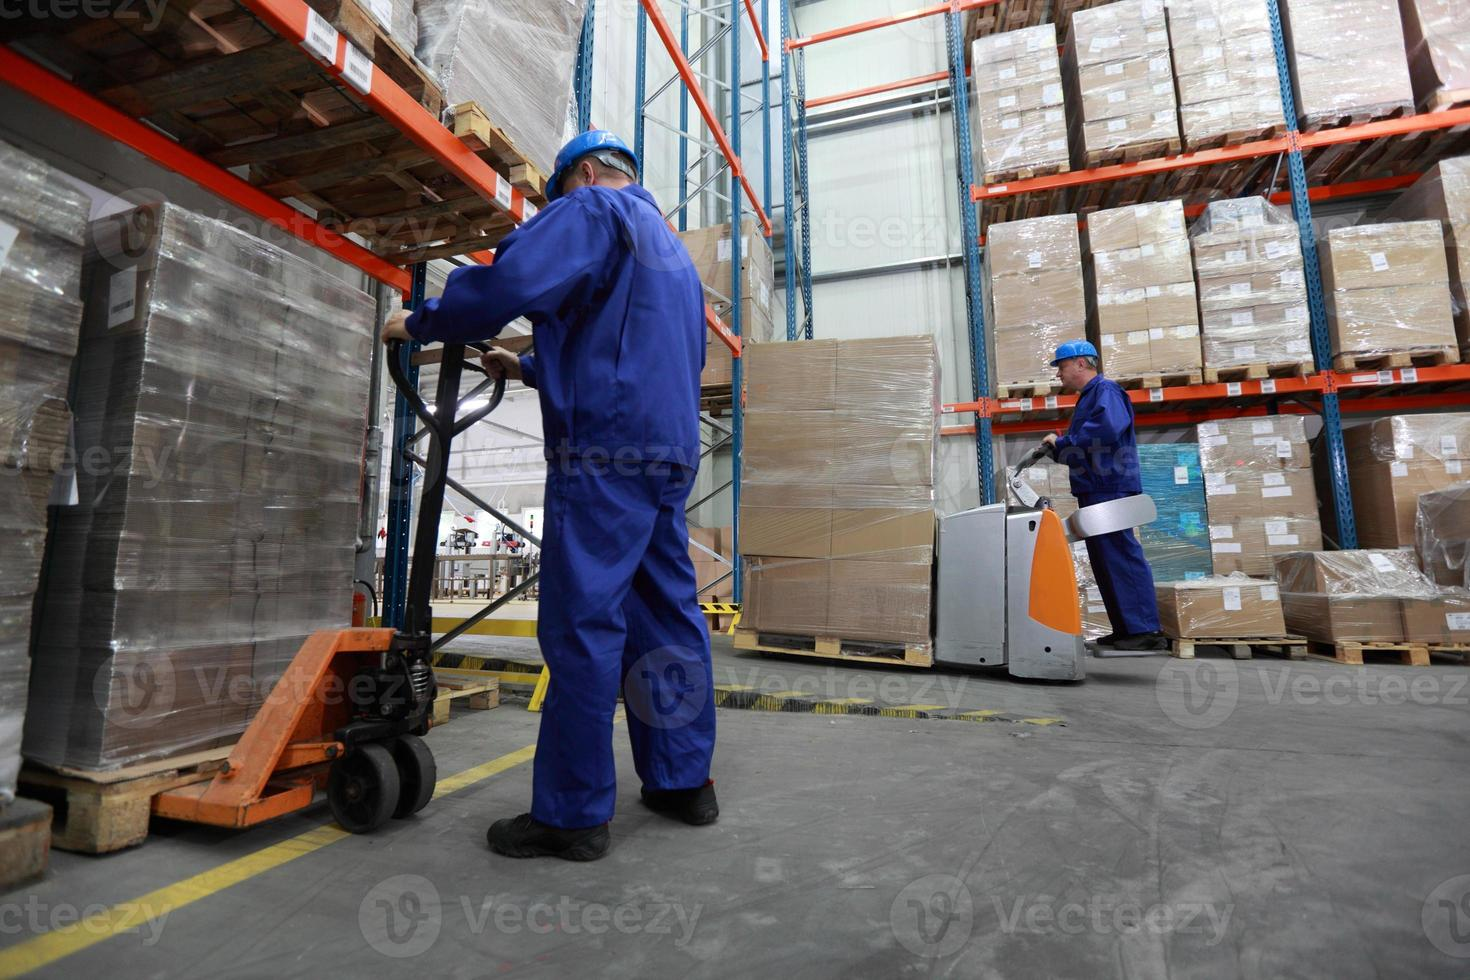 deux travailleurs travaillant dans l'entrepôt photo